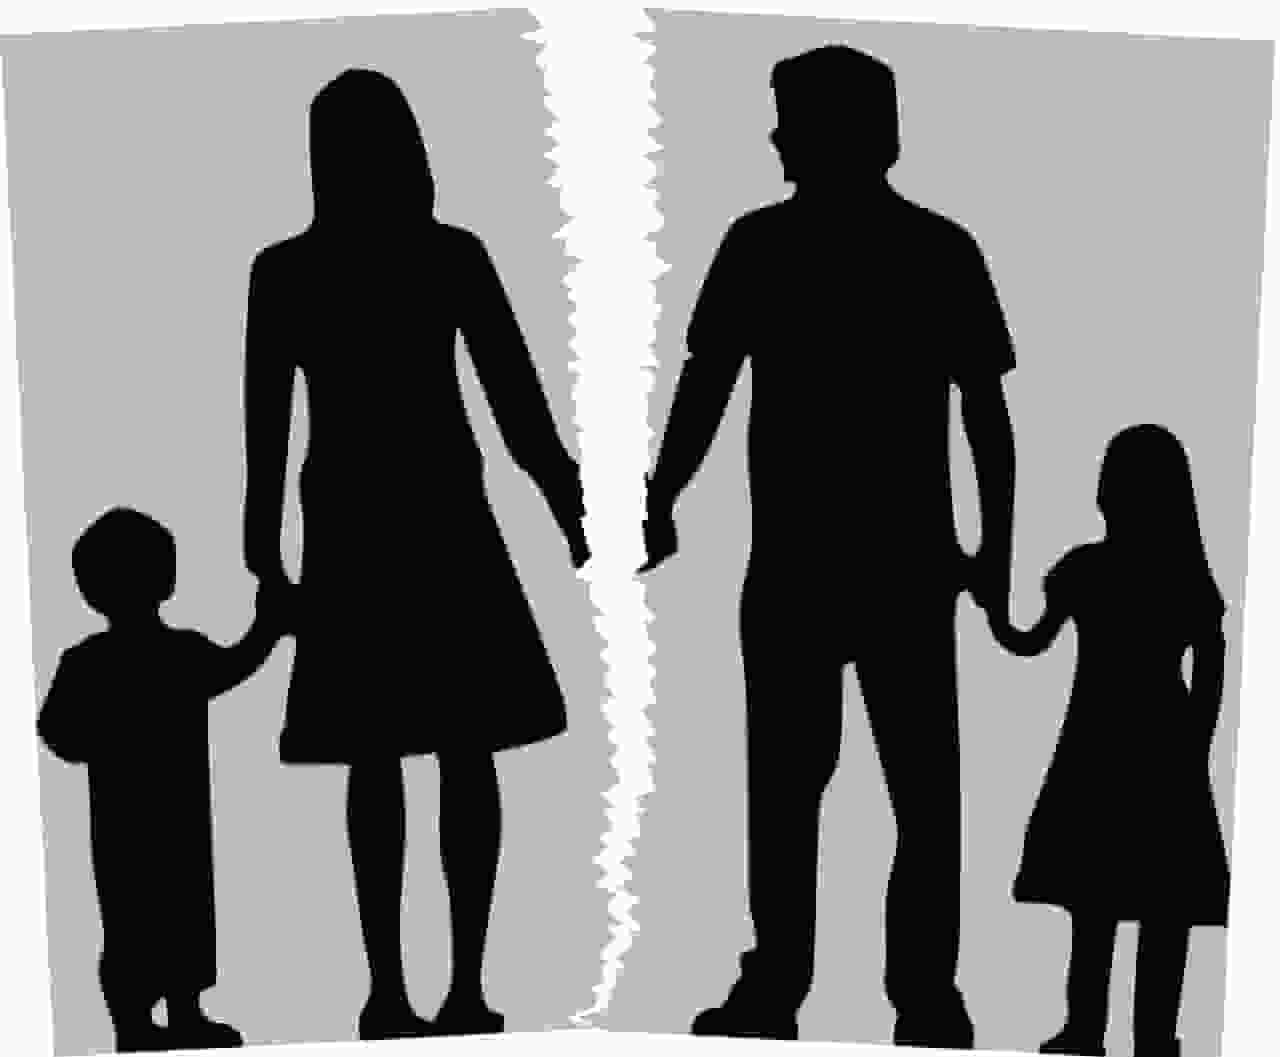 Çocuğun Geçici ve Kalıcı Velayeti, Velayetin Değiştirilmesi (Örnekli)